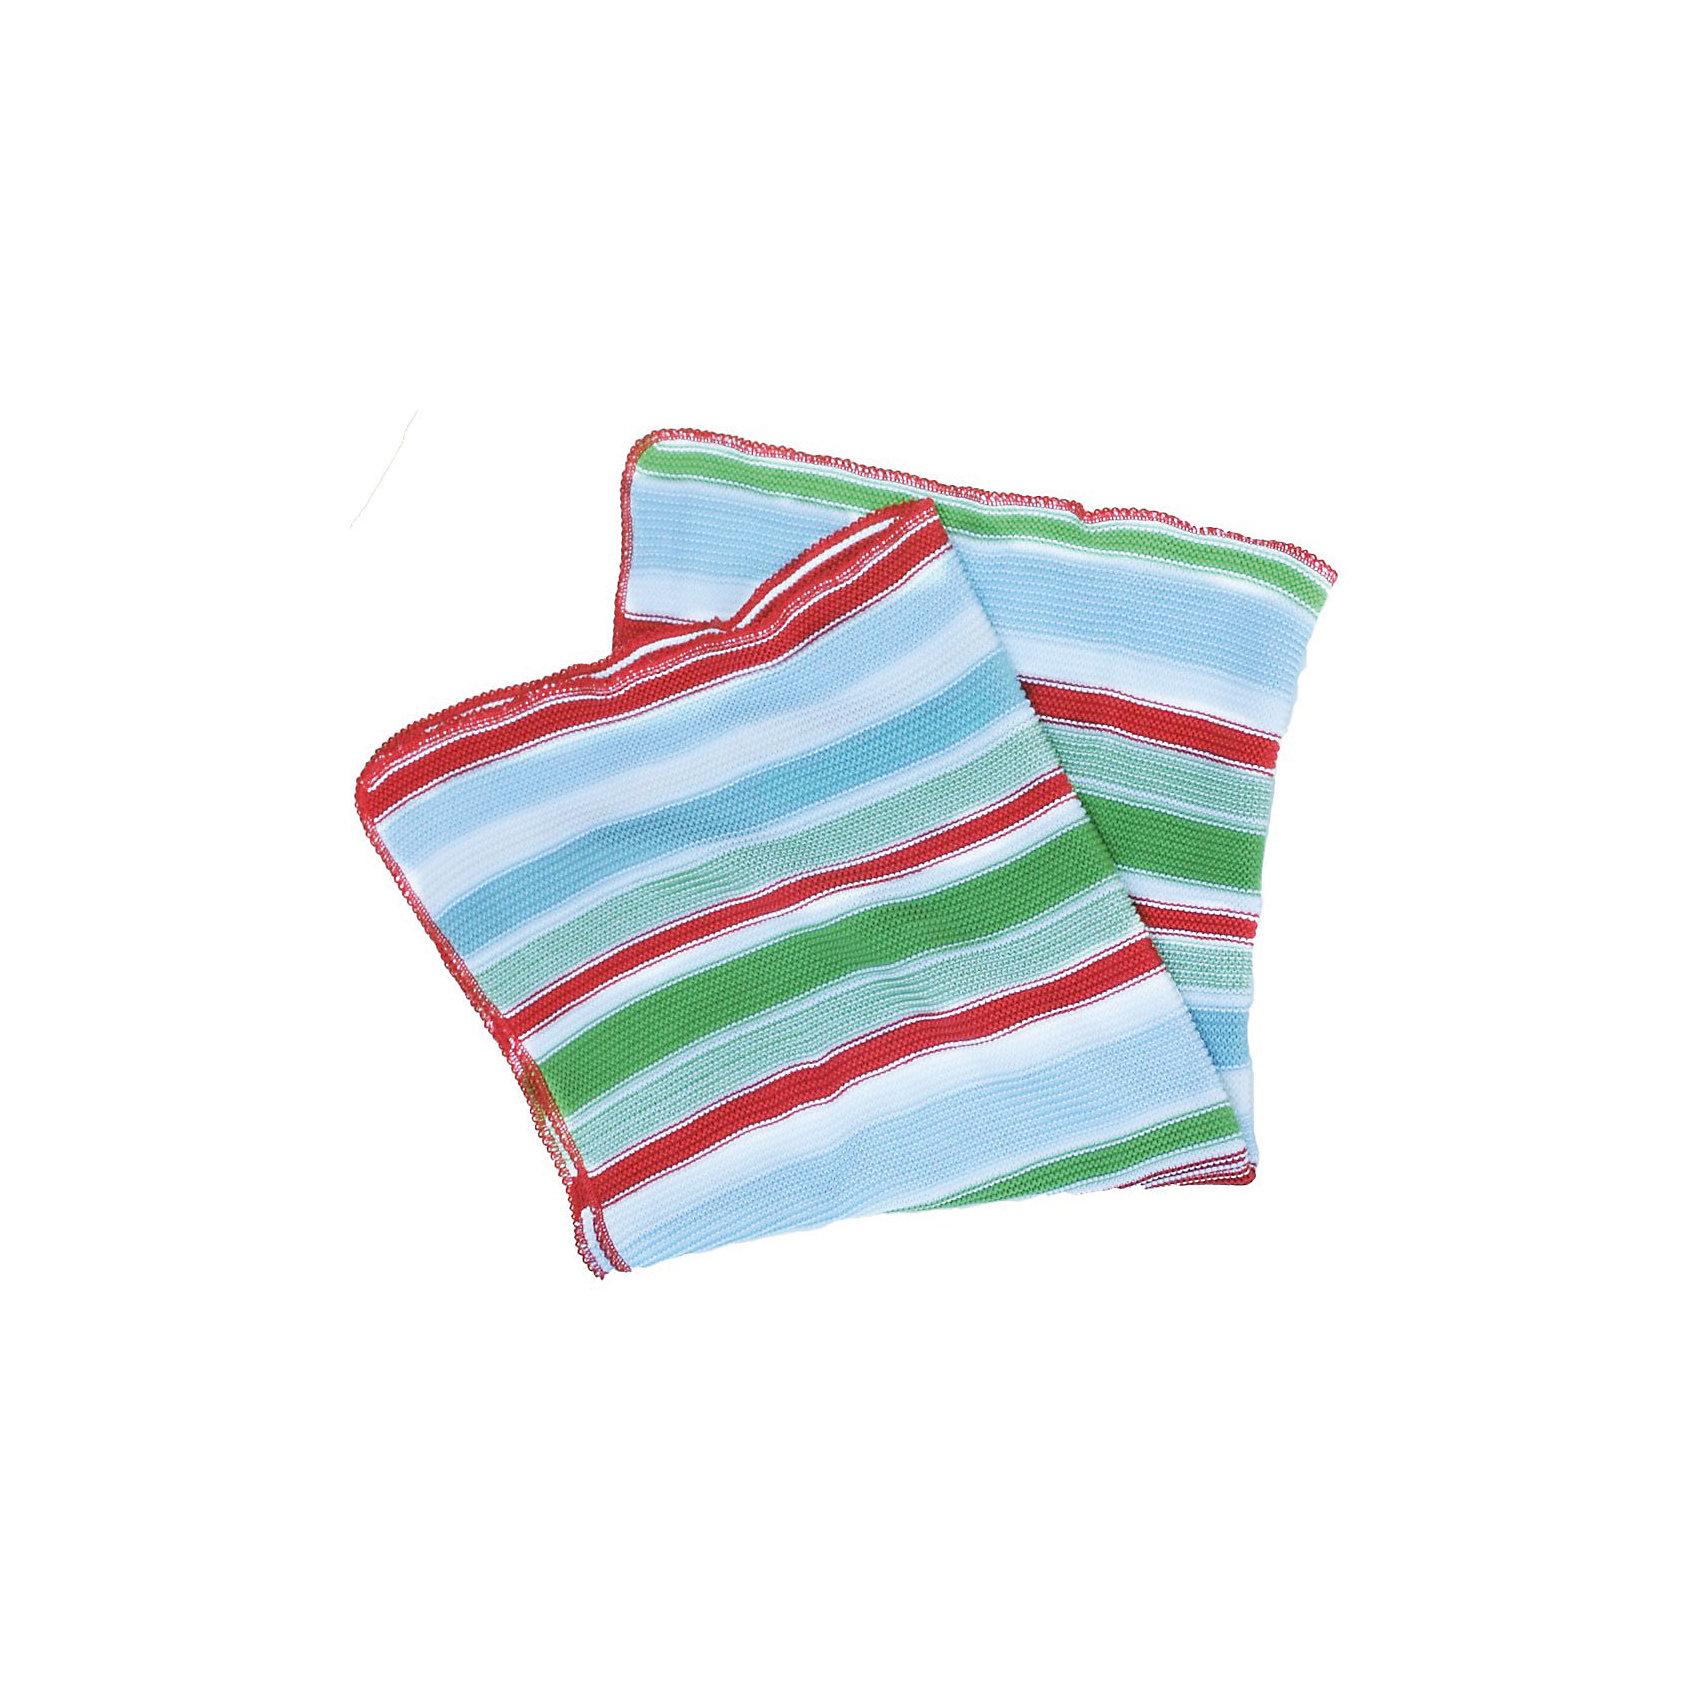 Плед хб вязаный, 70х90, Wallaboo, полосы разноцв.Одеяла, пледы<br>Характеристики:<br><br>• объемная ажурная вязка;<br>• плед сохраняет тепло, исключает перегрев малыша;<br>• допустима ручная стирка при температуре 30 градусов;<br>• материал: 100% шесть мериноса;<br>• размер пледа: 70х90 см;<br>• размер упаковки: 25х23х4 см;<br>• вес: 350 г.<br><br>Вязаный плед Wallaboo нежно окутывает малыша, сохраняет тепло, создает мягкое прикосновение. Плед изготовлен из шерсти мериноса, кожа ребенка под таким пледом остается сухой, малыш не потеет. Ажурная вязка придает пледу нарядный вид.<br><br>Плед хб вязаный, 70х90, Wallaboo, полосы разноцветные можно купить в нашем интернет-магазине.<br><br>Ширина мм: 800<br>Глубина мм: 800<br>Высота мм: 50<br>Вес г: 500<br>Возраст от месяцев: 0<br>Возраст до месяцев: 12<br>Пол: Унисекс<br>Возраст: Детский<br>SKU: 5445072